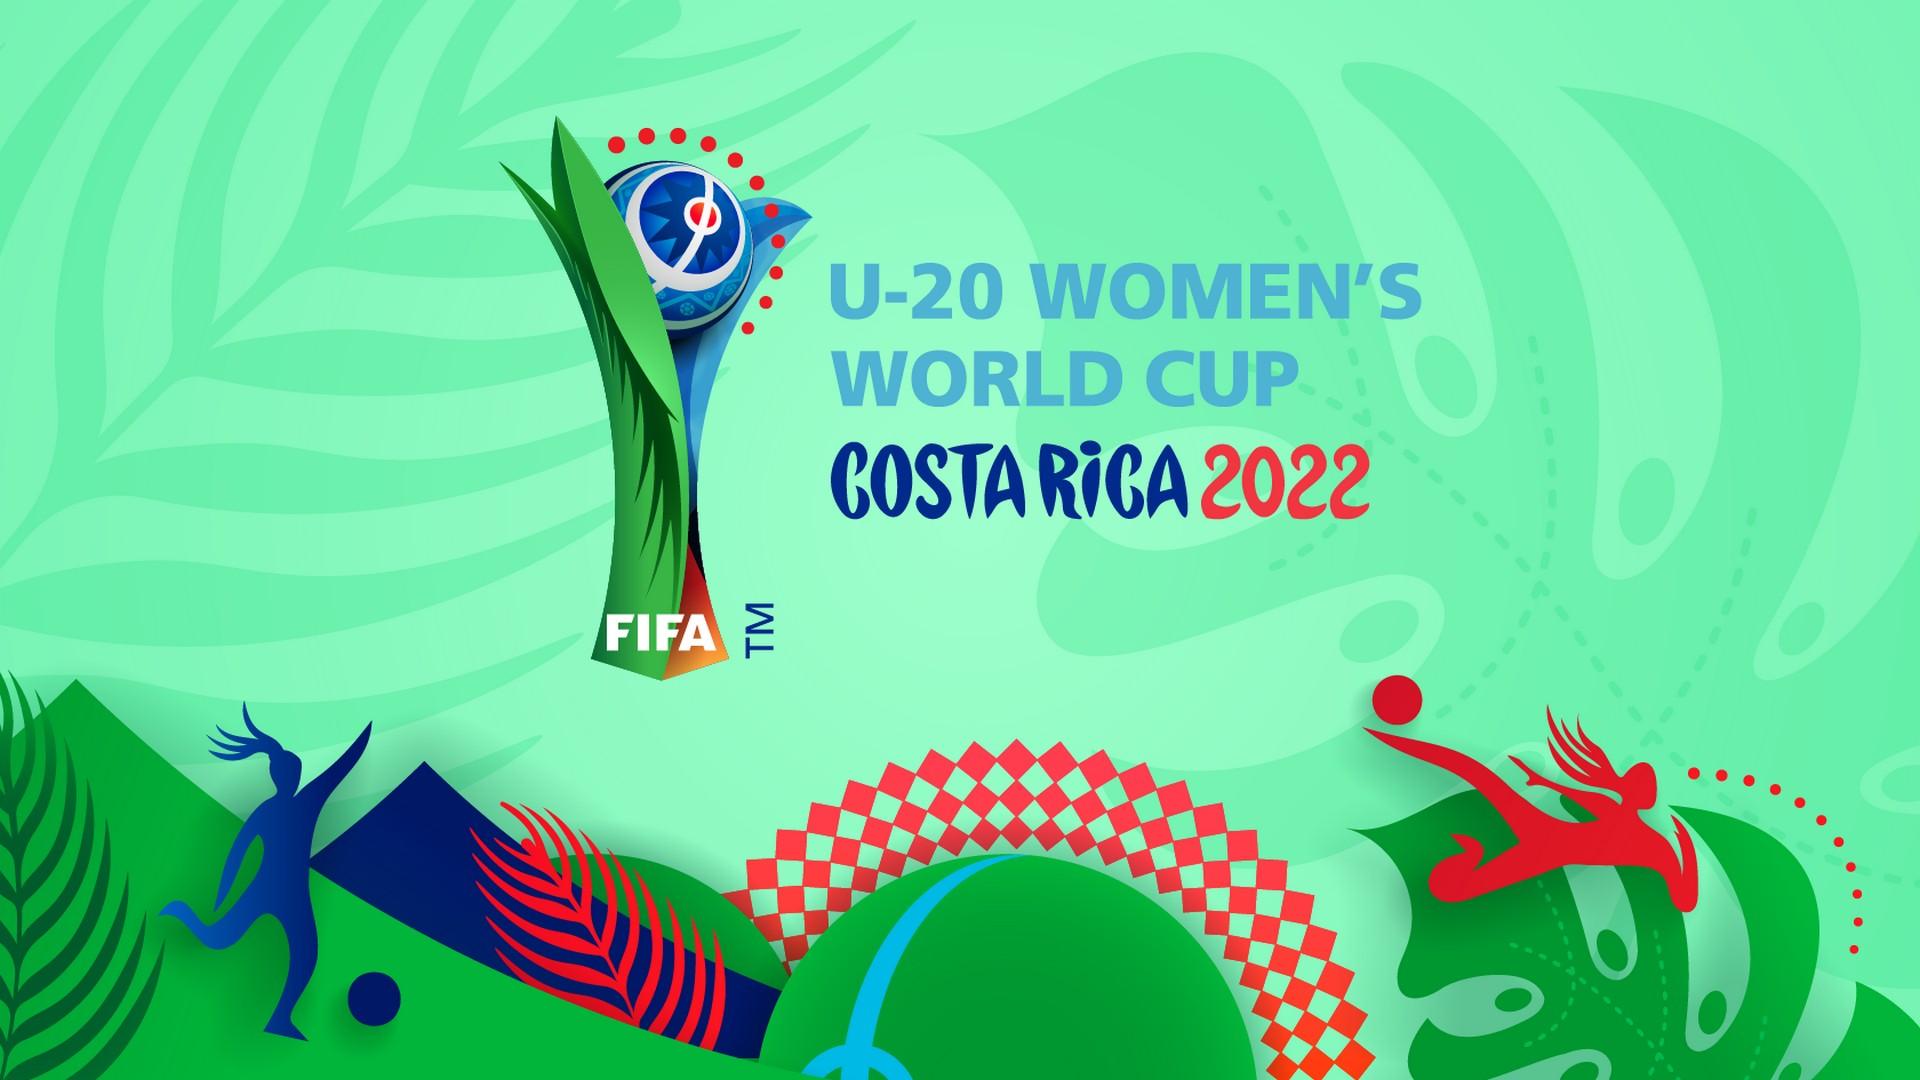 FIFA WWC U20 Costa Rica 2020 (1) logo